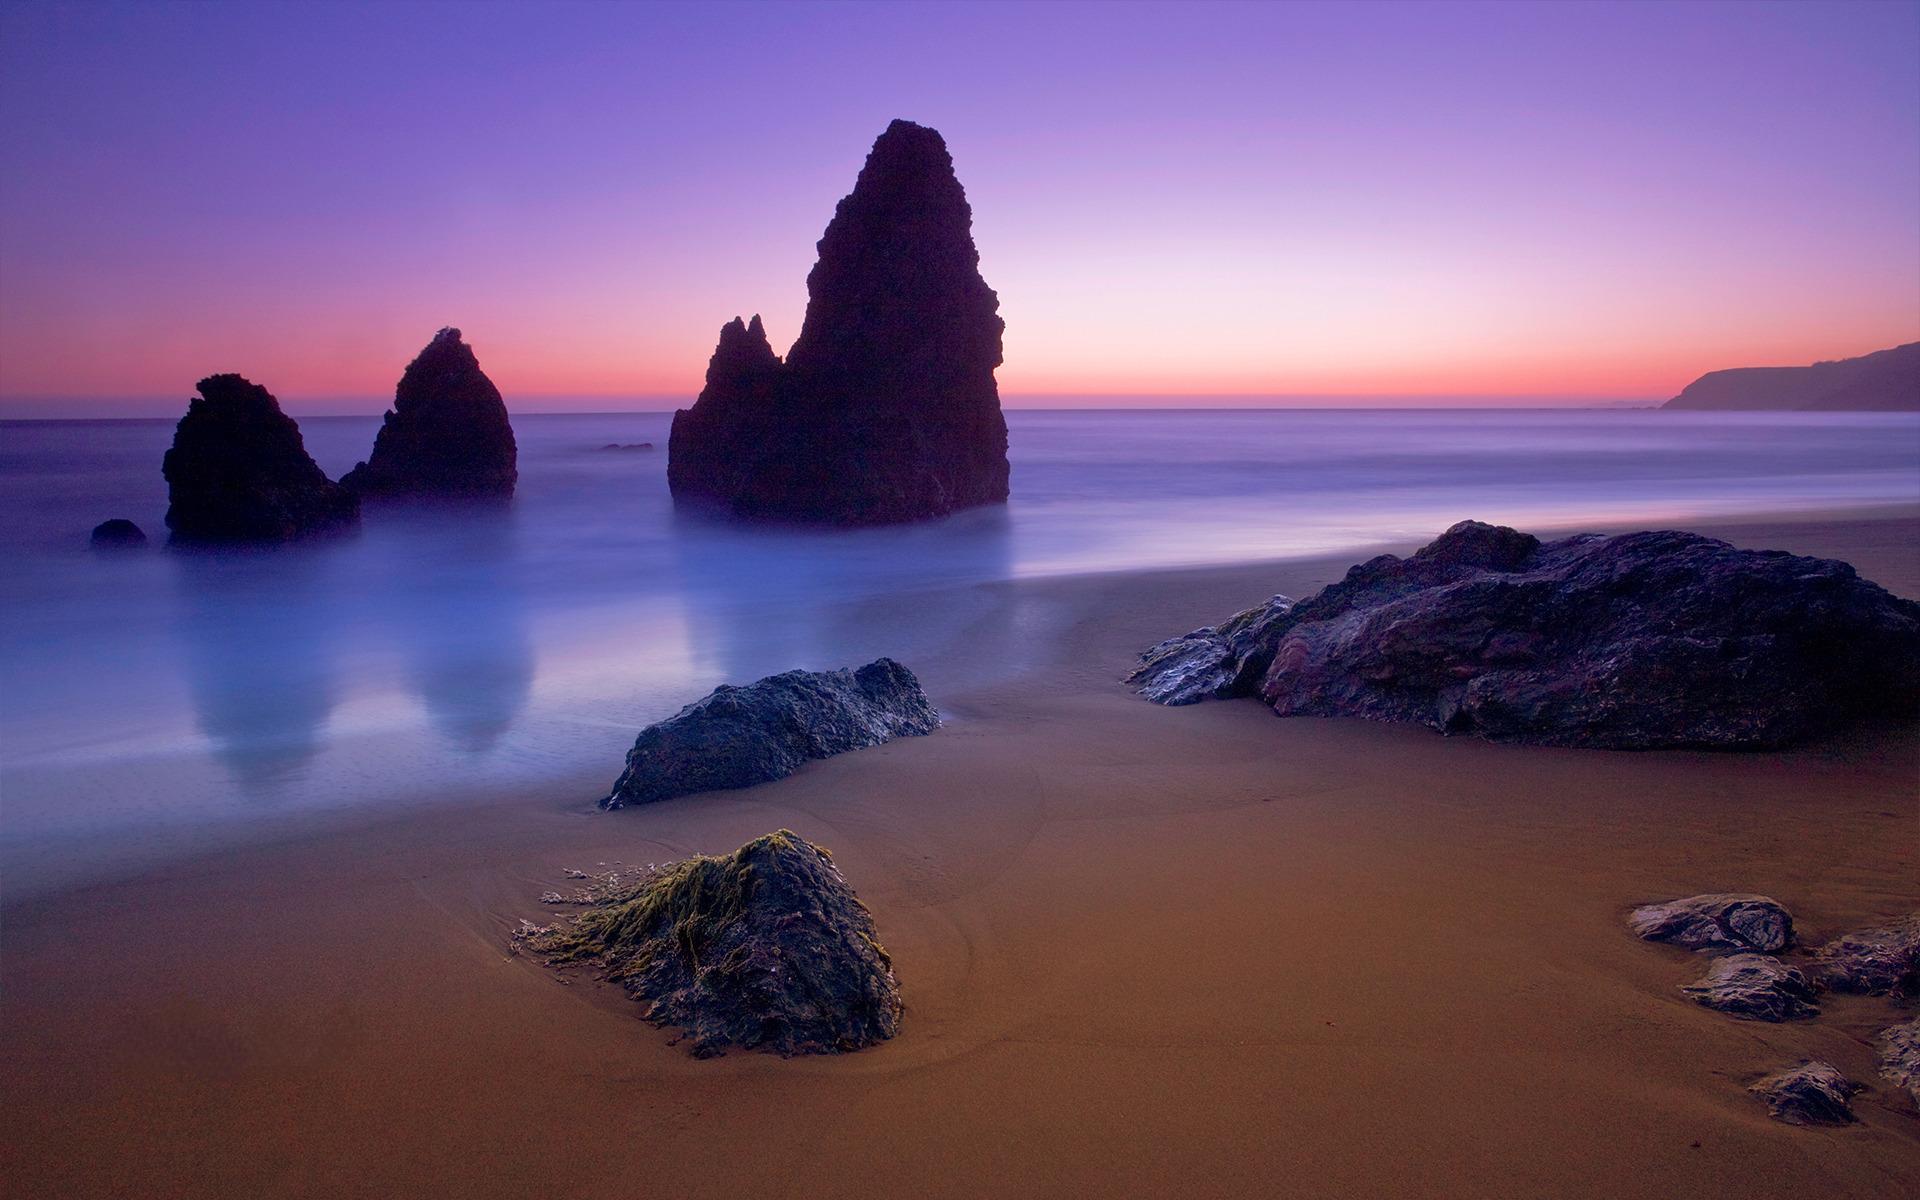 Citta Categoria Mare Spiagge Foto Mare Programmi